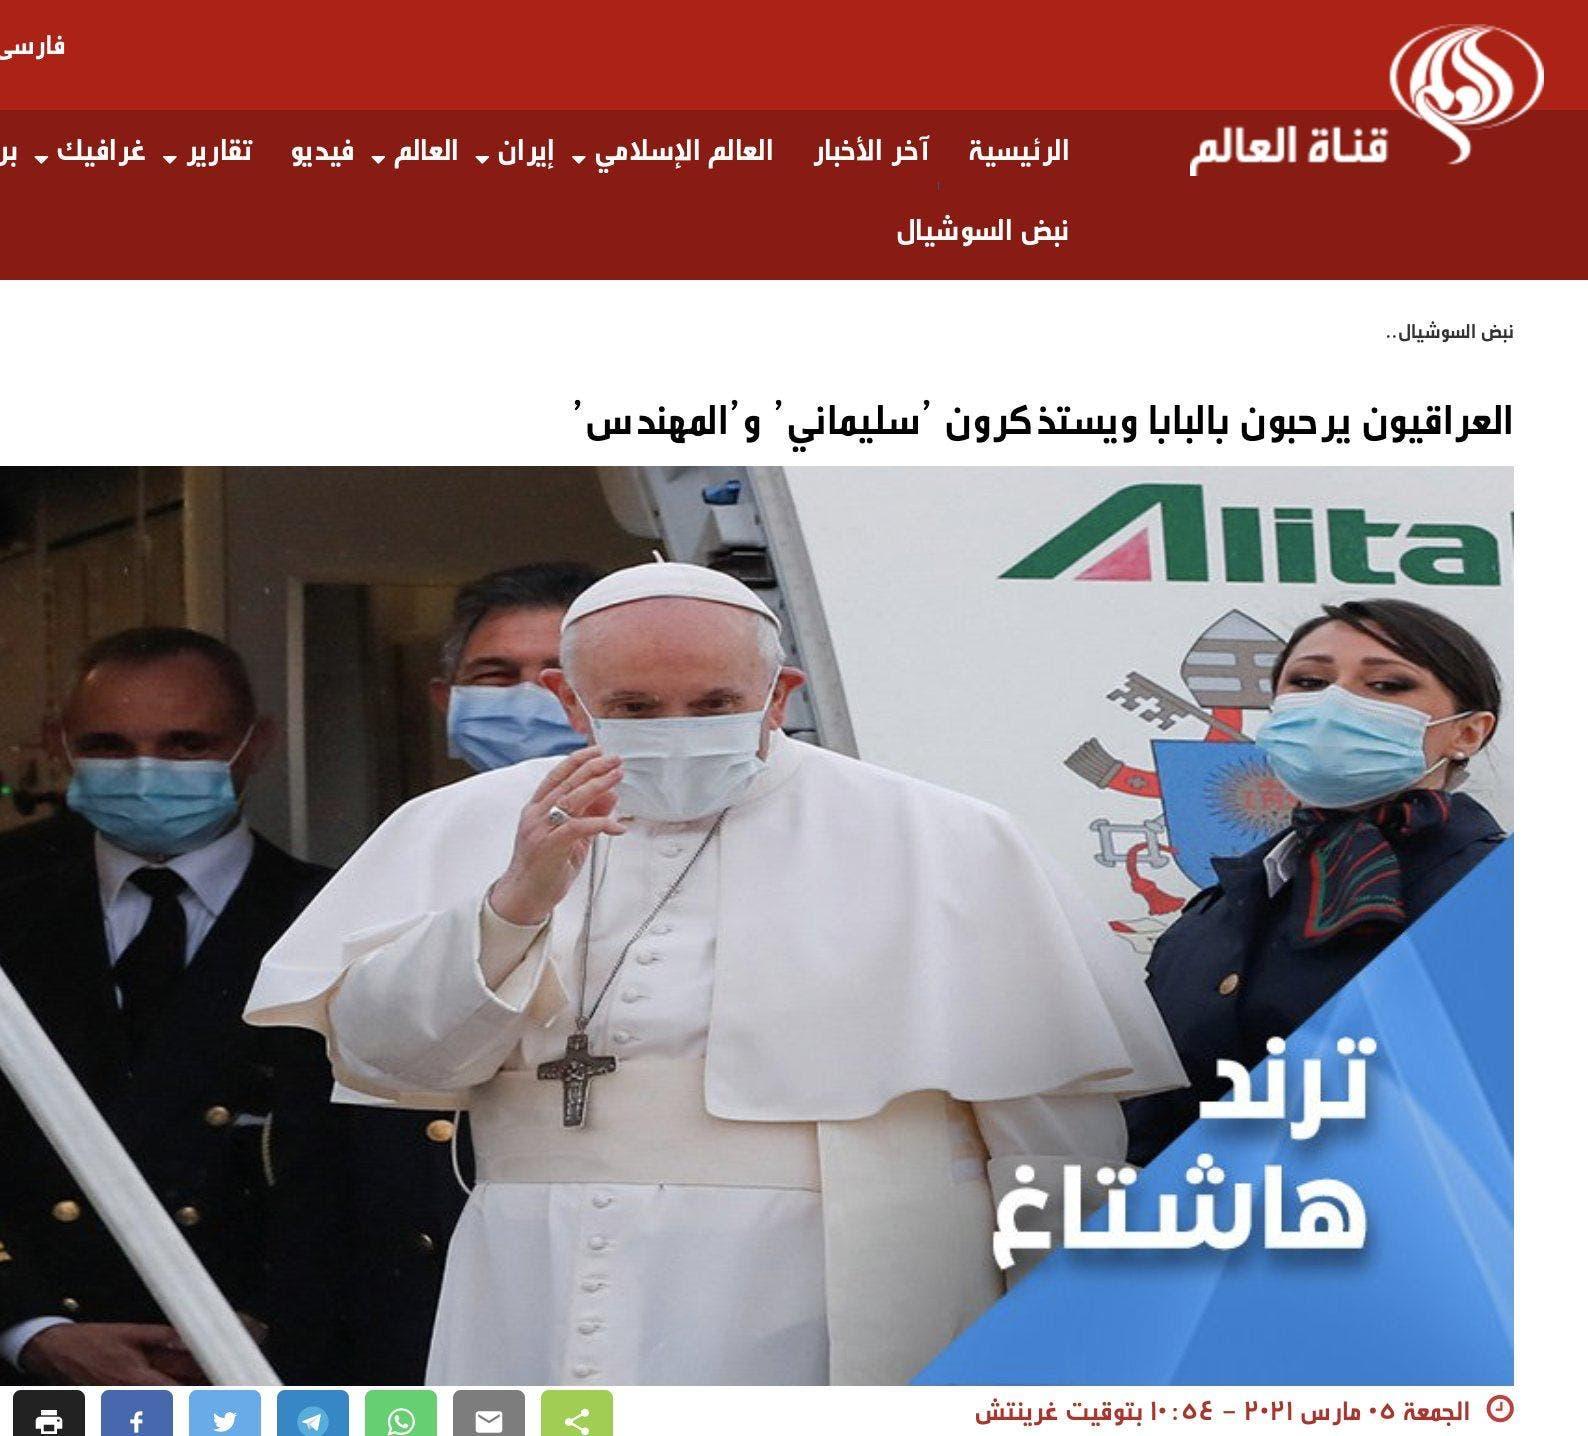 موقع قناة العالم الإيرانية في عنوان غريب